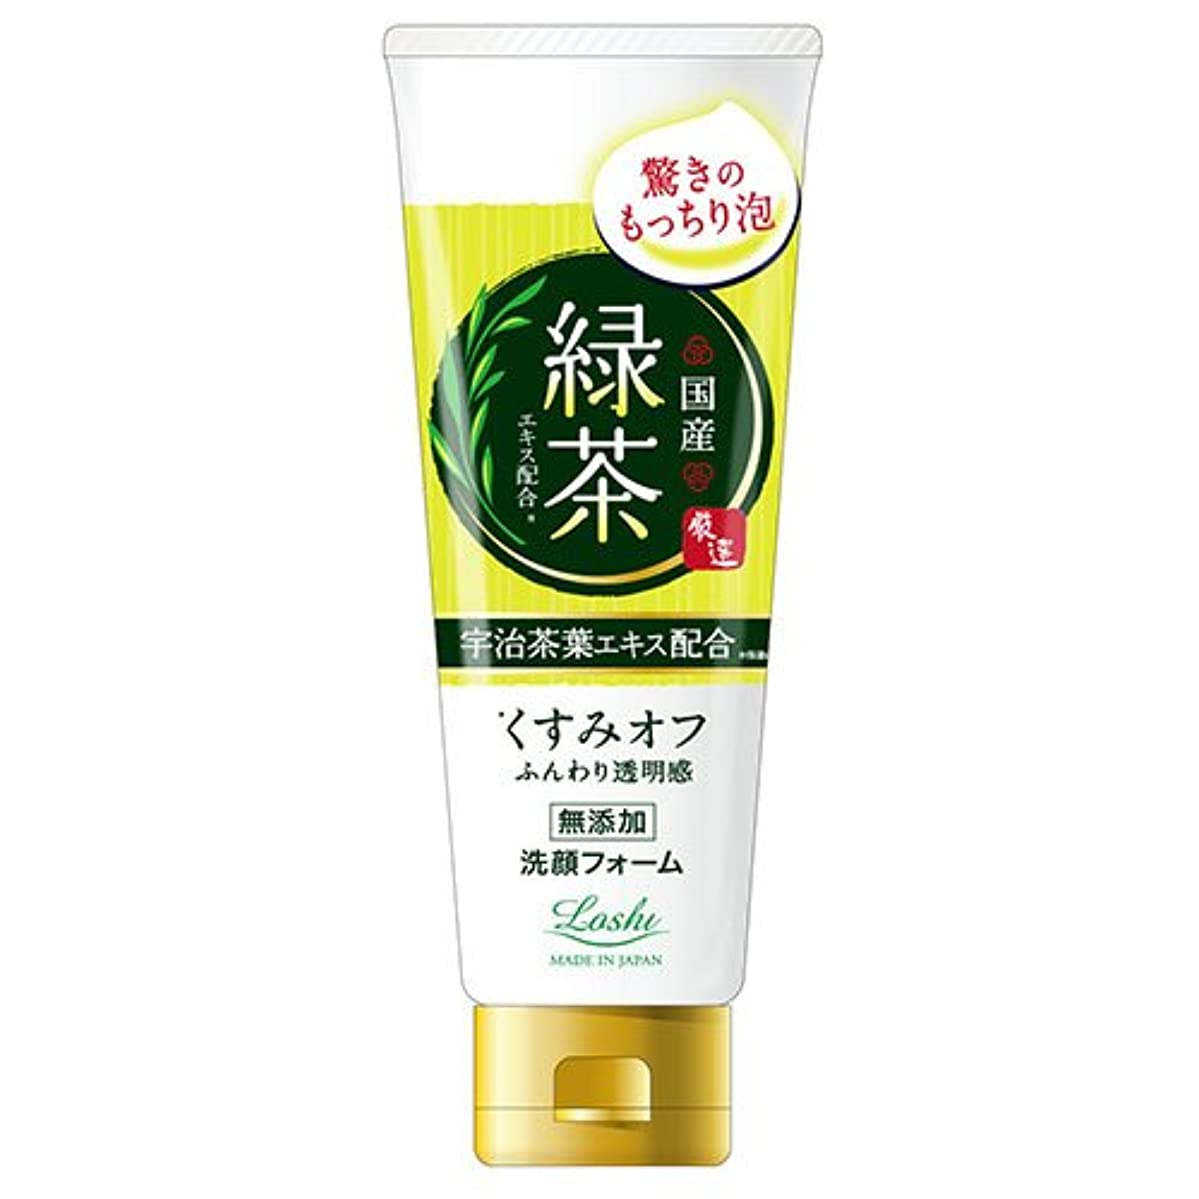 機密残忍なトランクロッシモイストエイド 国産 ホイップ洗顔 緑茶 120g